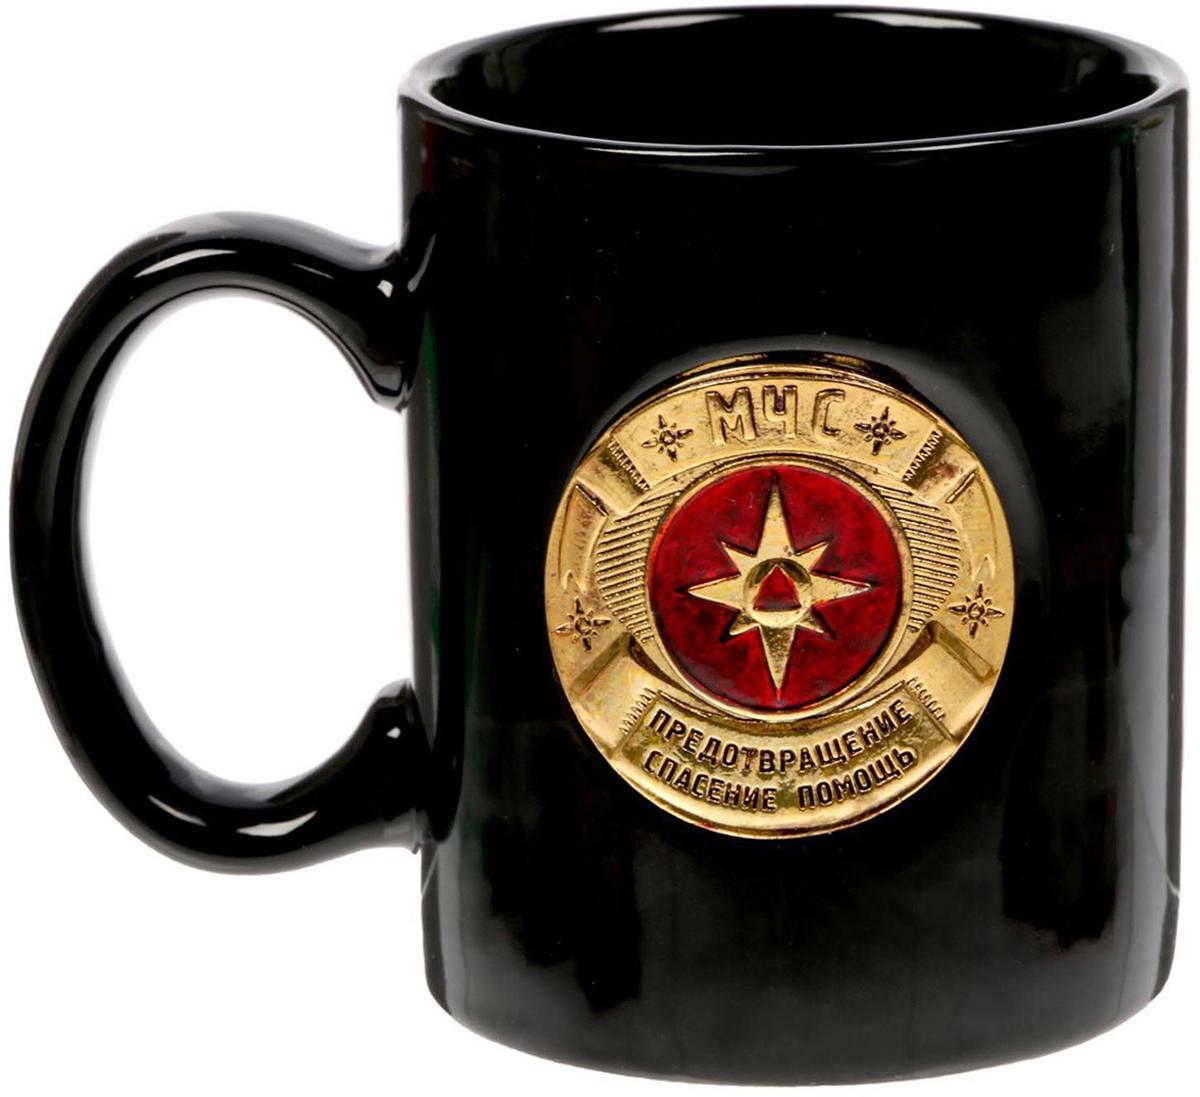 Кружка Sima-Land МЧС, 300 мл. 1507670420206Разберись с жаждой по-мужски! Авторский дизайн, оригинальный декор, оптимальный объем - отличительные черты этой кружки. Налейте в нее горячий свежезаваренный кофе или крепкий ароматный чай, и каждый глоток будет сокрушительным ударом по врагам: сонливости, вялости и апатии! Изделие упаковано в подарочную картонную коробку.